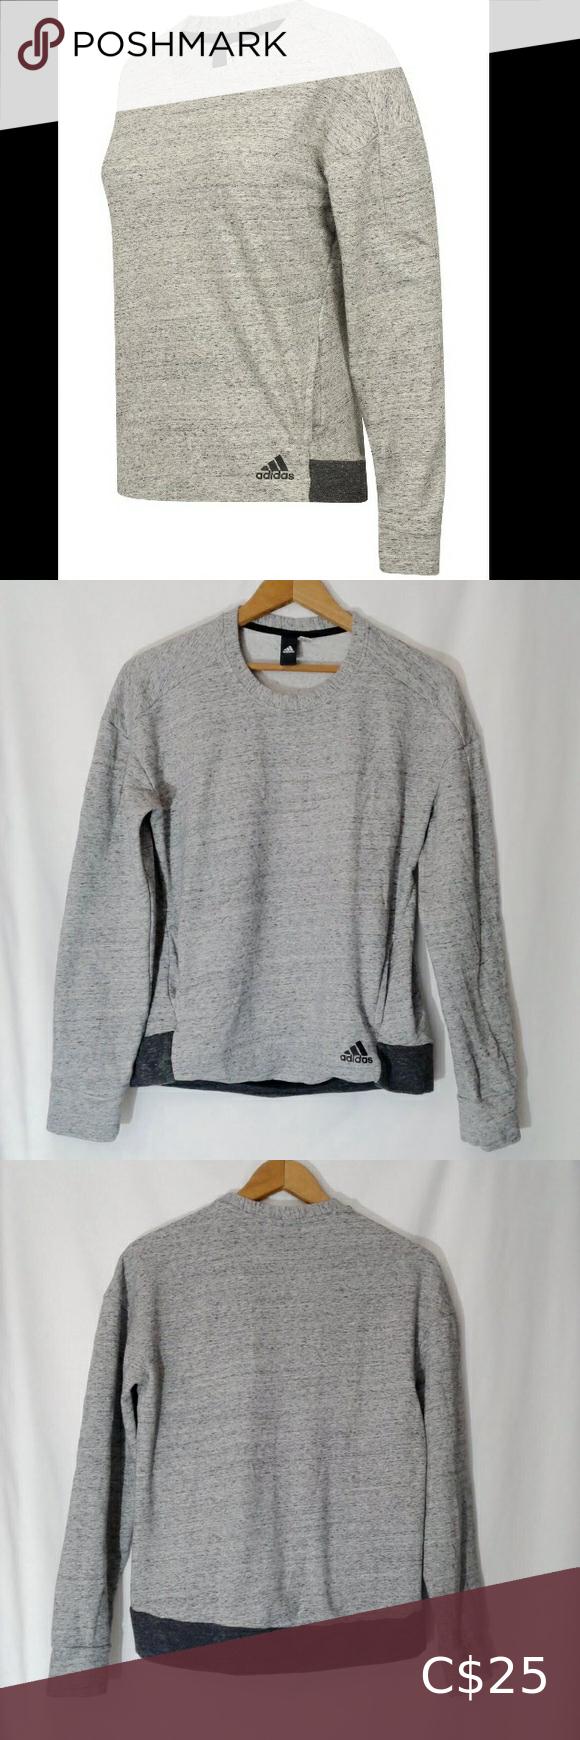 Adidas Sport Luxe Fleece Crew Sweatshirt Adidas Us Long Sleeve Tshirt Men Sweatshirts Crew Sweatshirts [ 2000 x 2000 Pixel ]